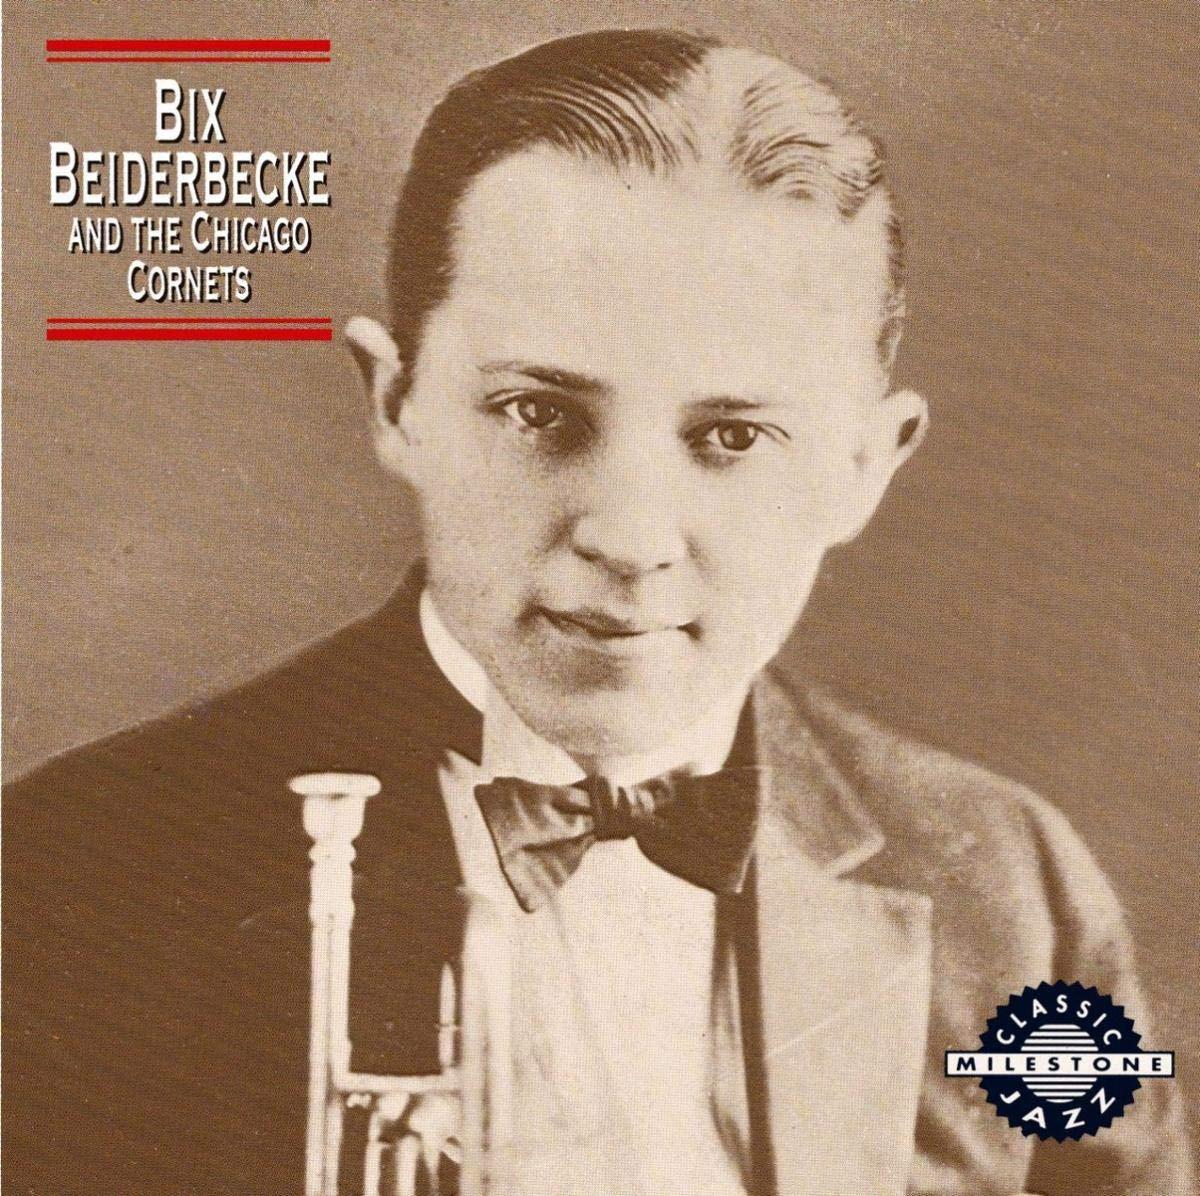 Best Jazz Albums: Early/Trad Jazz